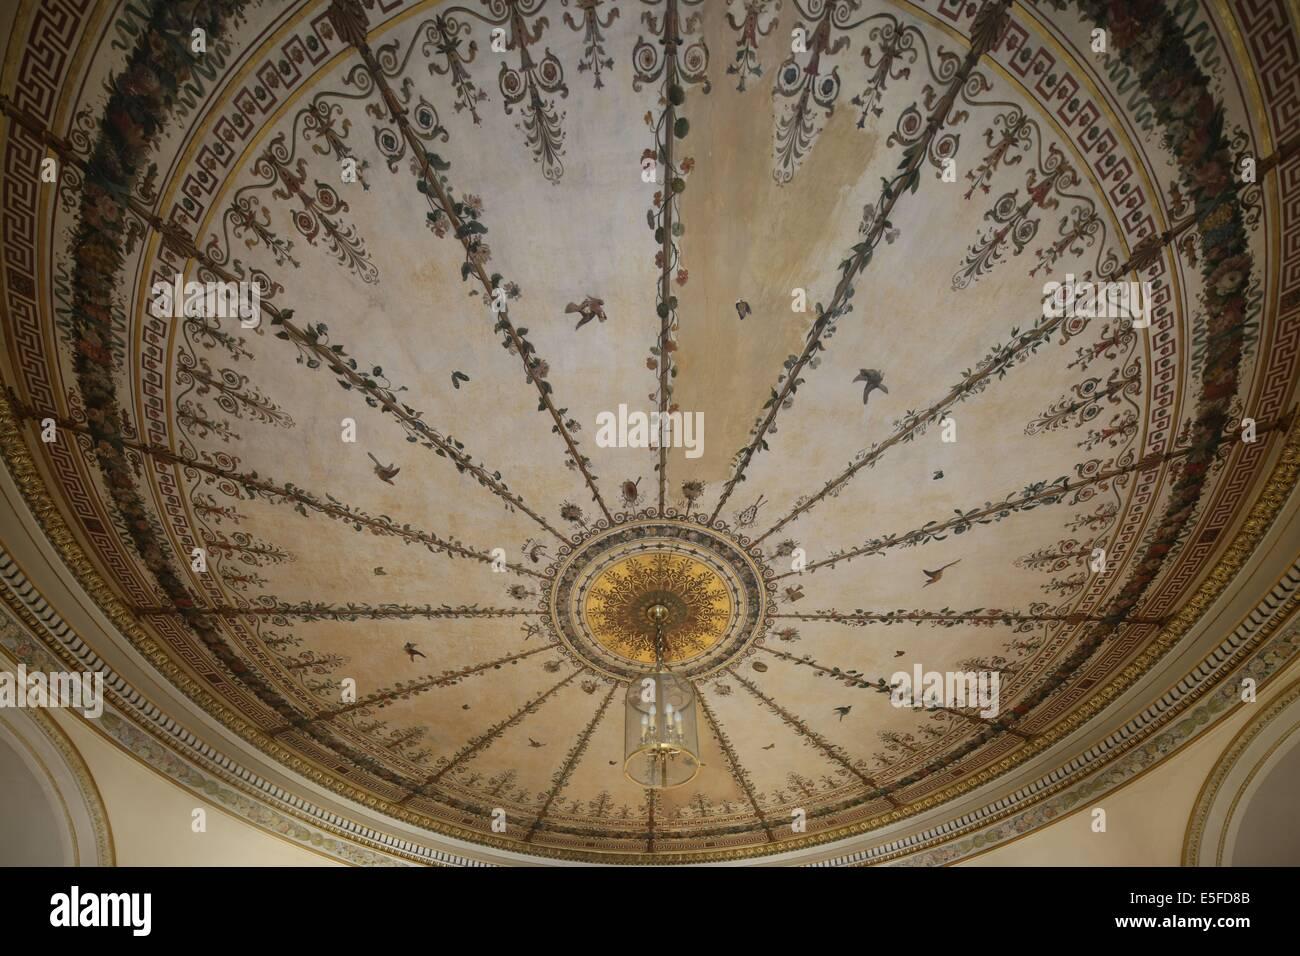 France, ile de france, paris 9e, 9 rue drouot, mairie du 9e arrondissement, hotel d'augny, salon aguado, detail - Stock Image